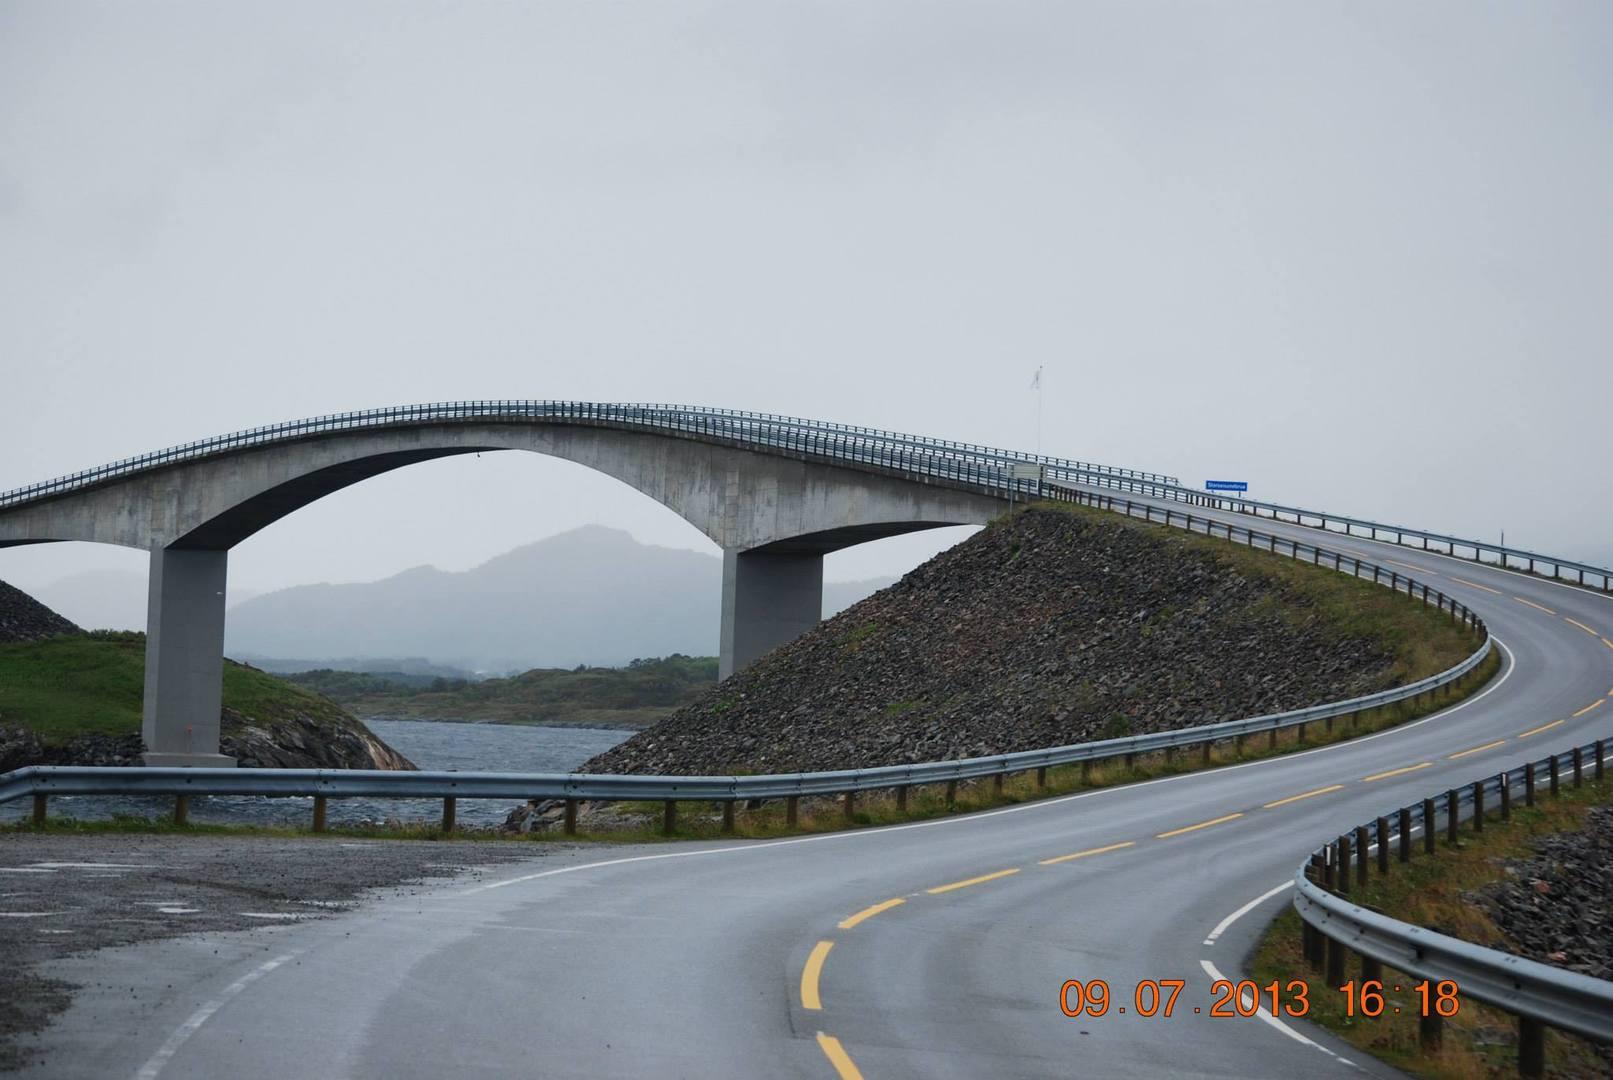 הגשר המפורסם של הדרך האטלנטית